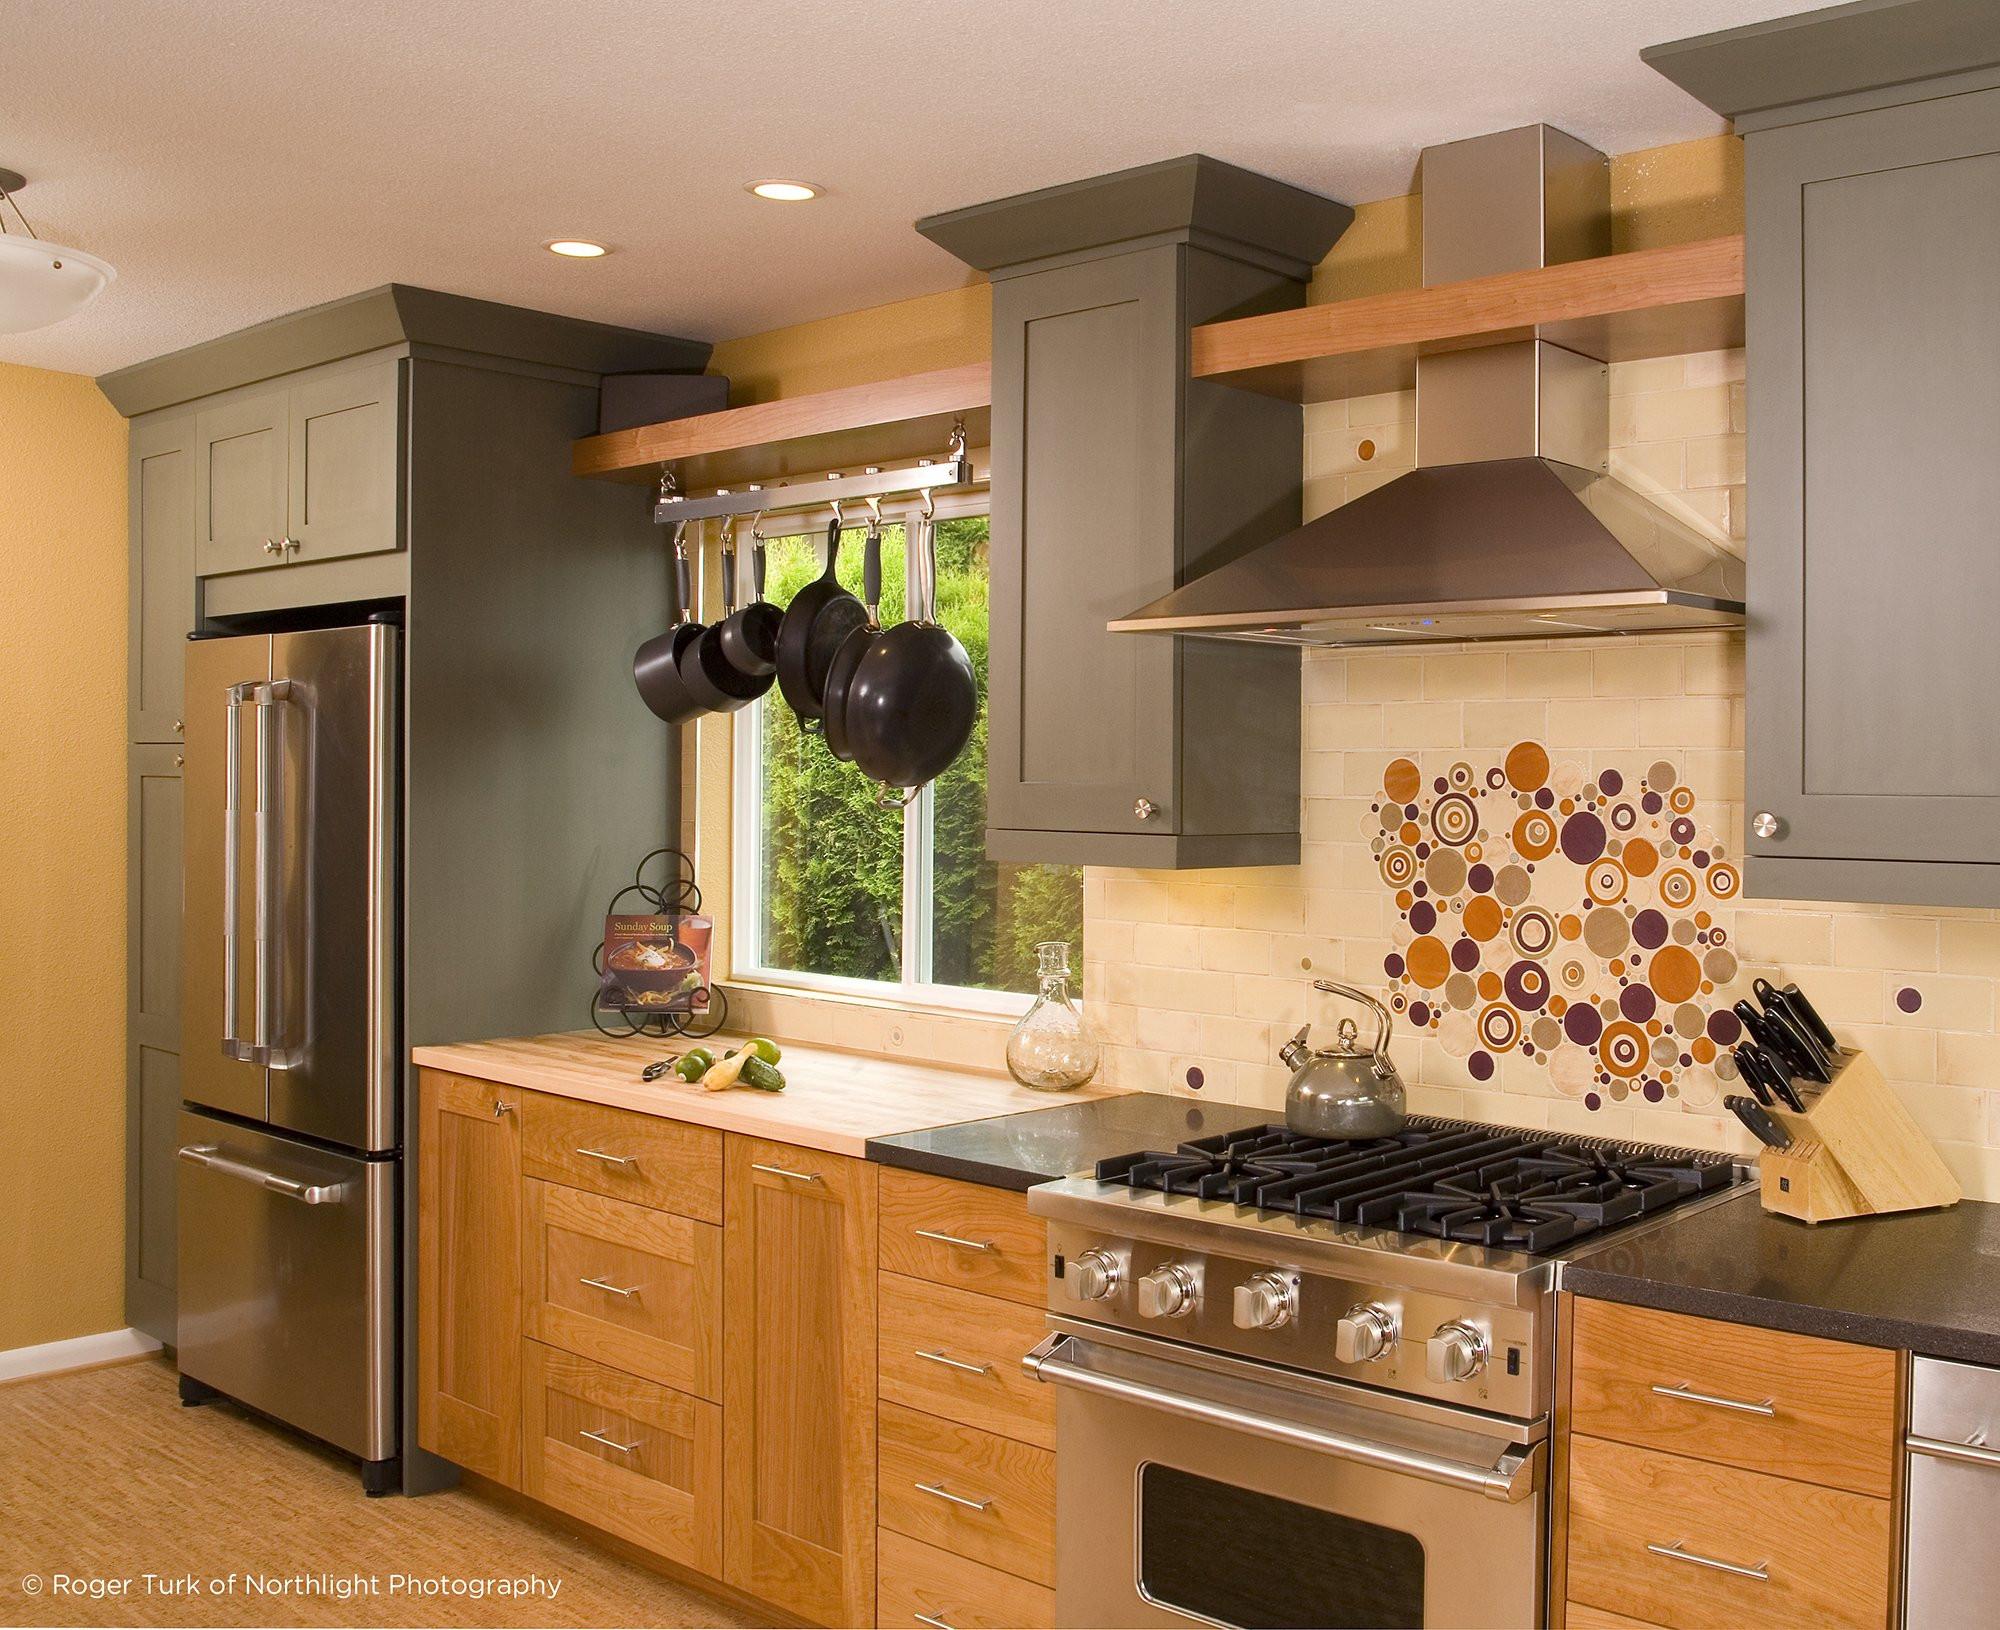 Unique Kitchen Backsplash Ideas  The Perfect Unique Kitchen Backsplash this Season